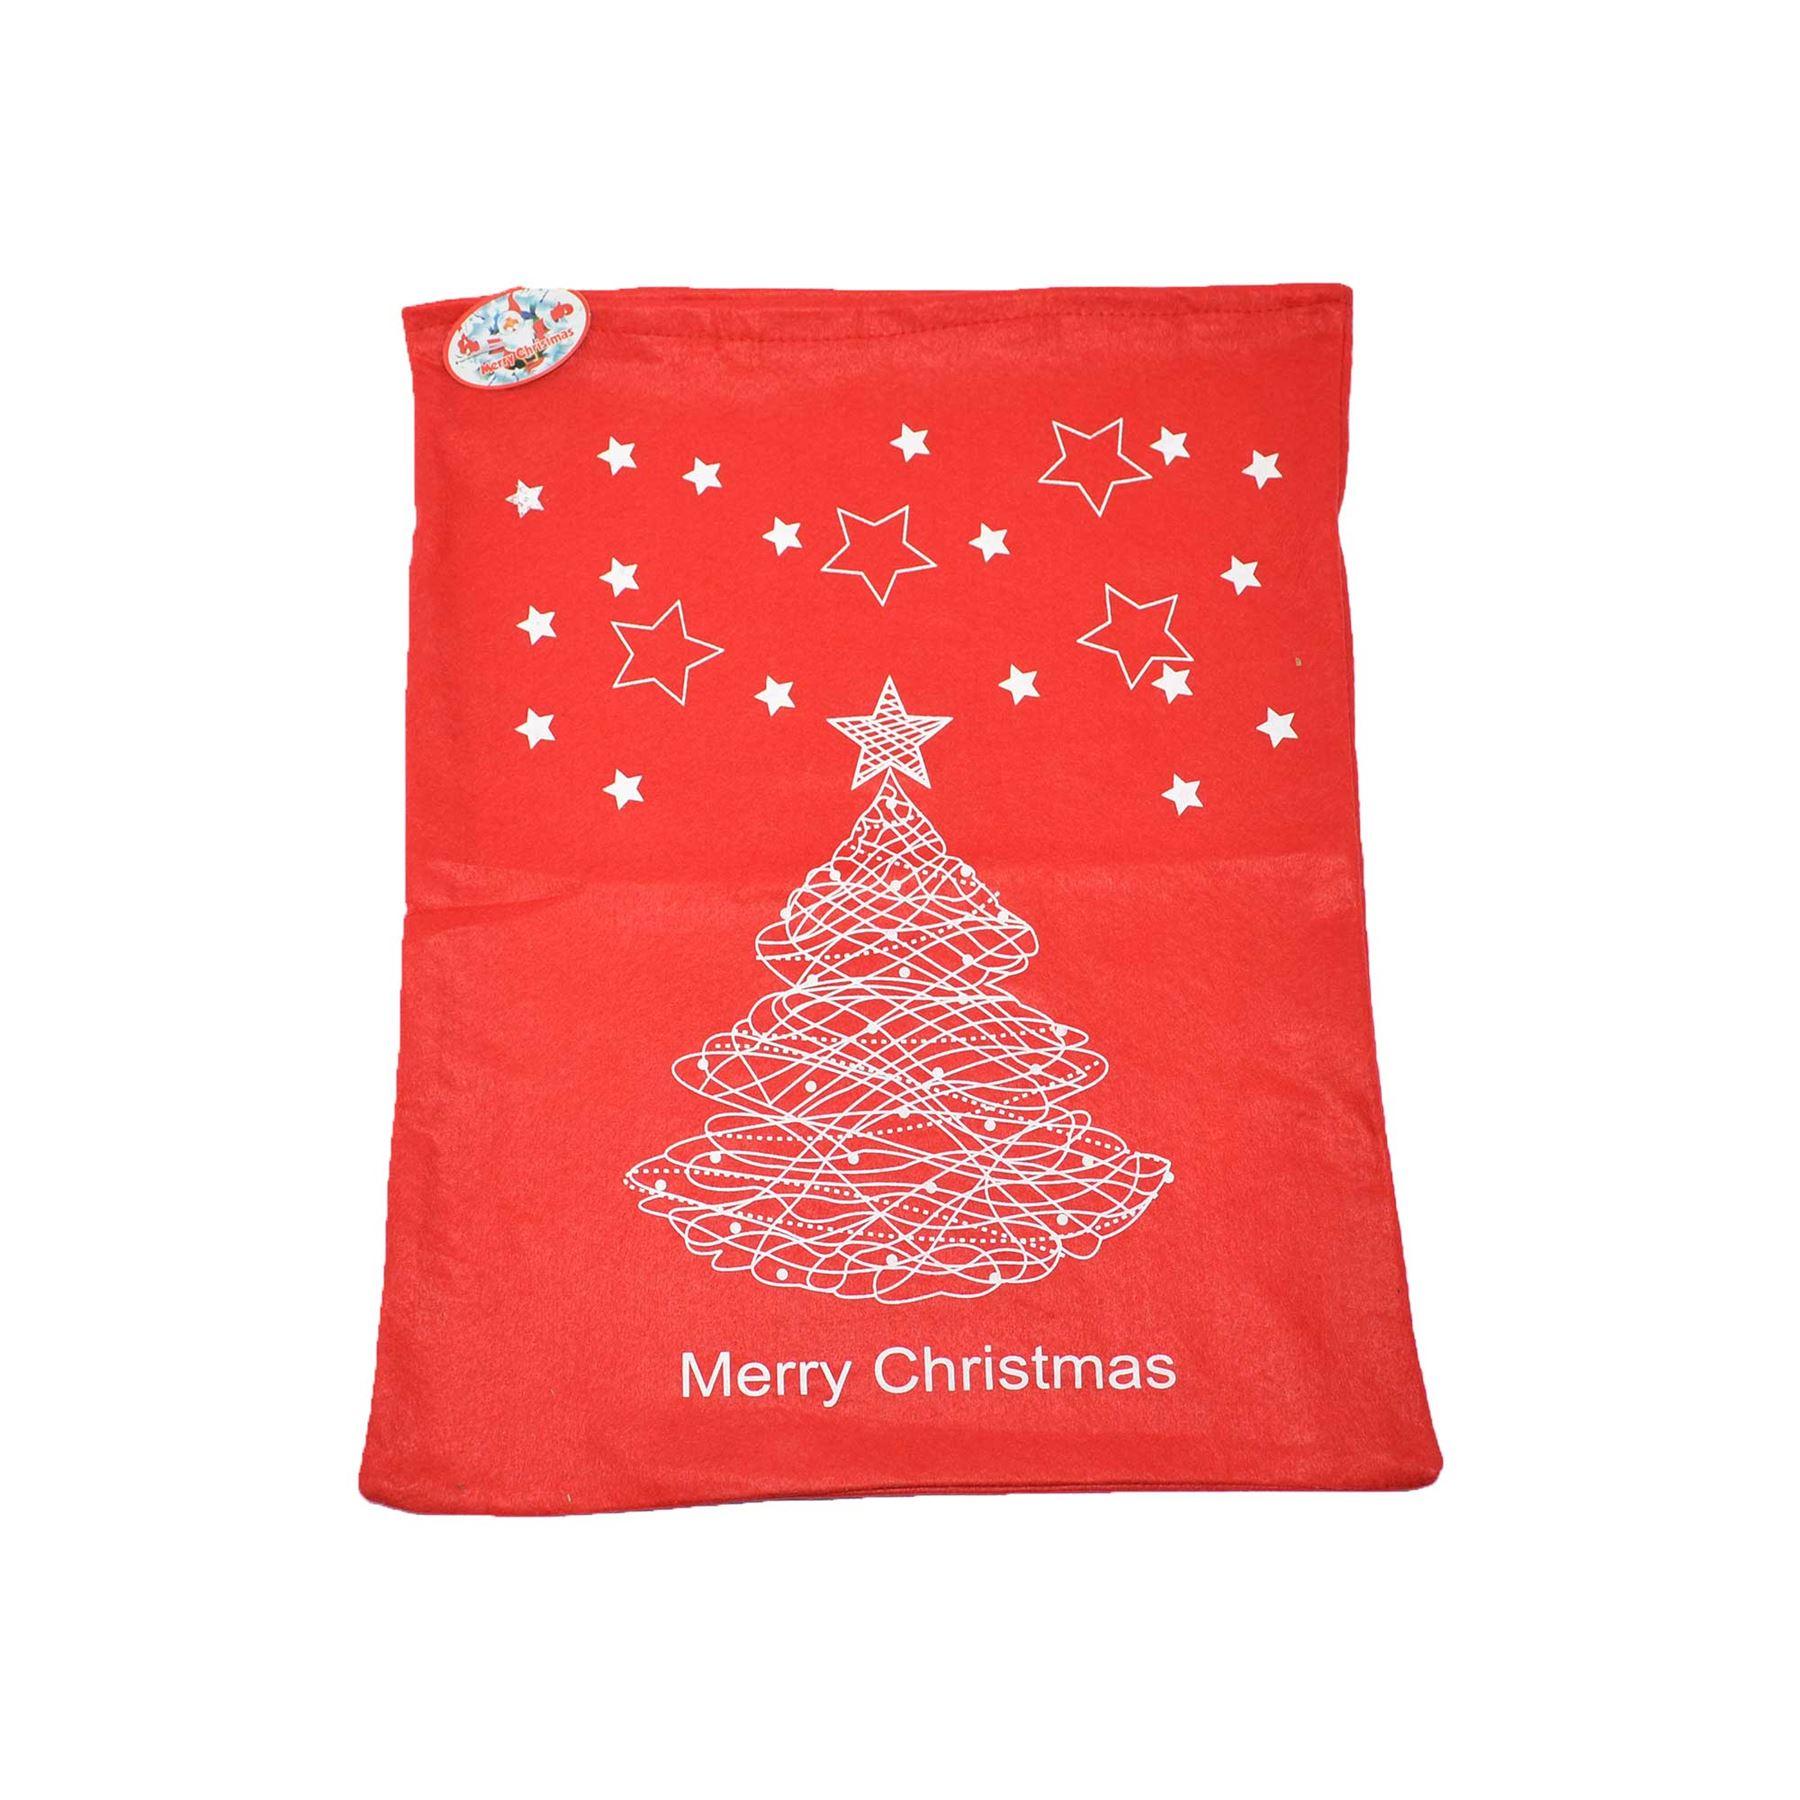 Feltro-Rosso-Buon-Natale-Babbo-Natale-Sacco-Grande-Calza-Natale-Regali-Regalo-Borse miniatura 10